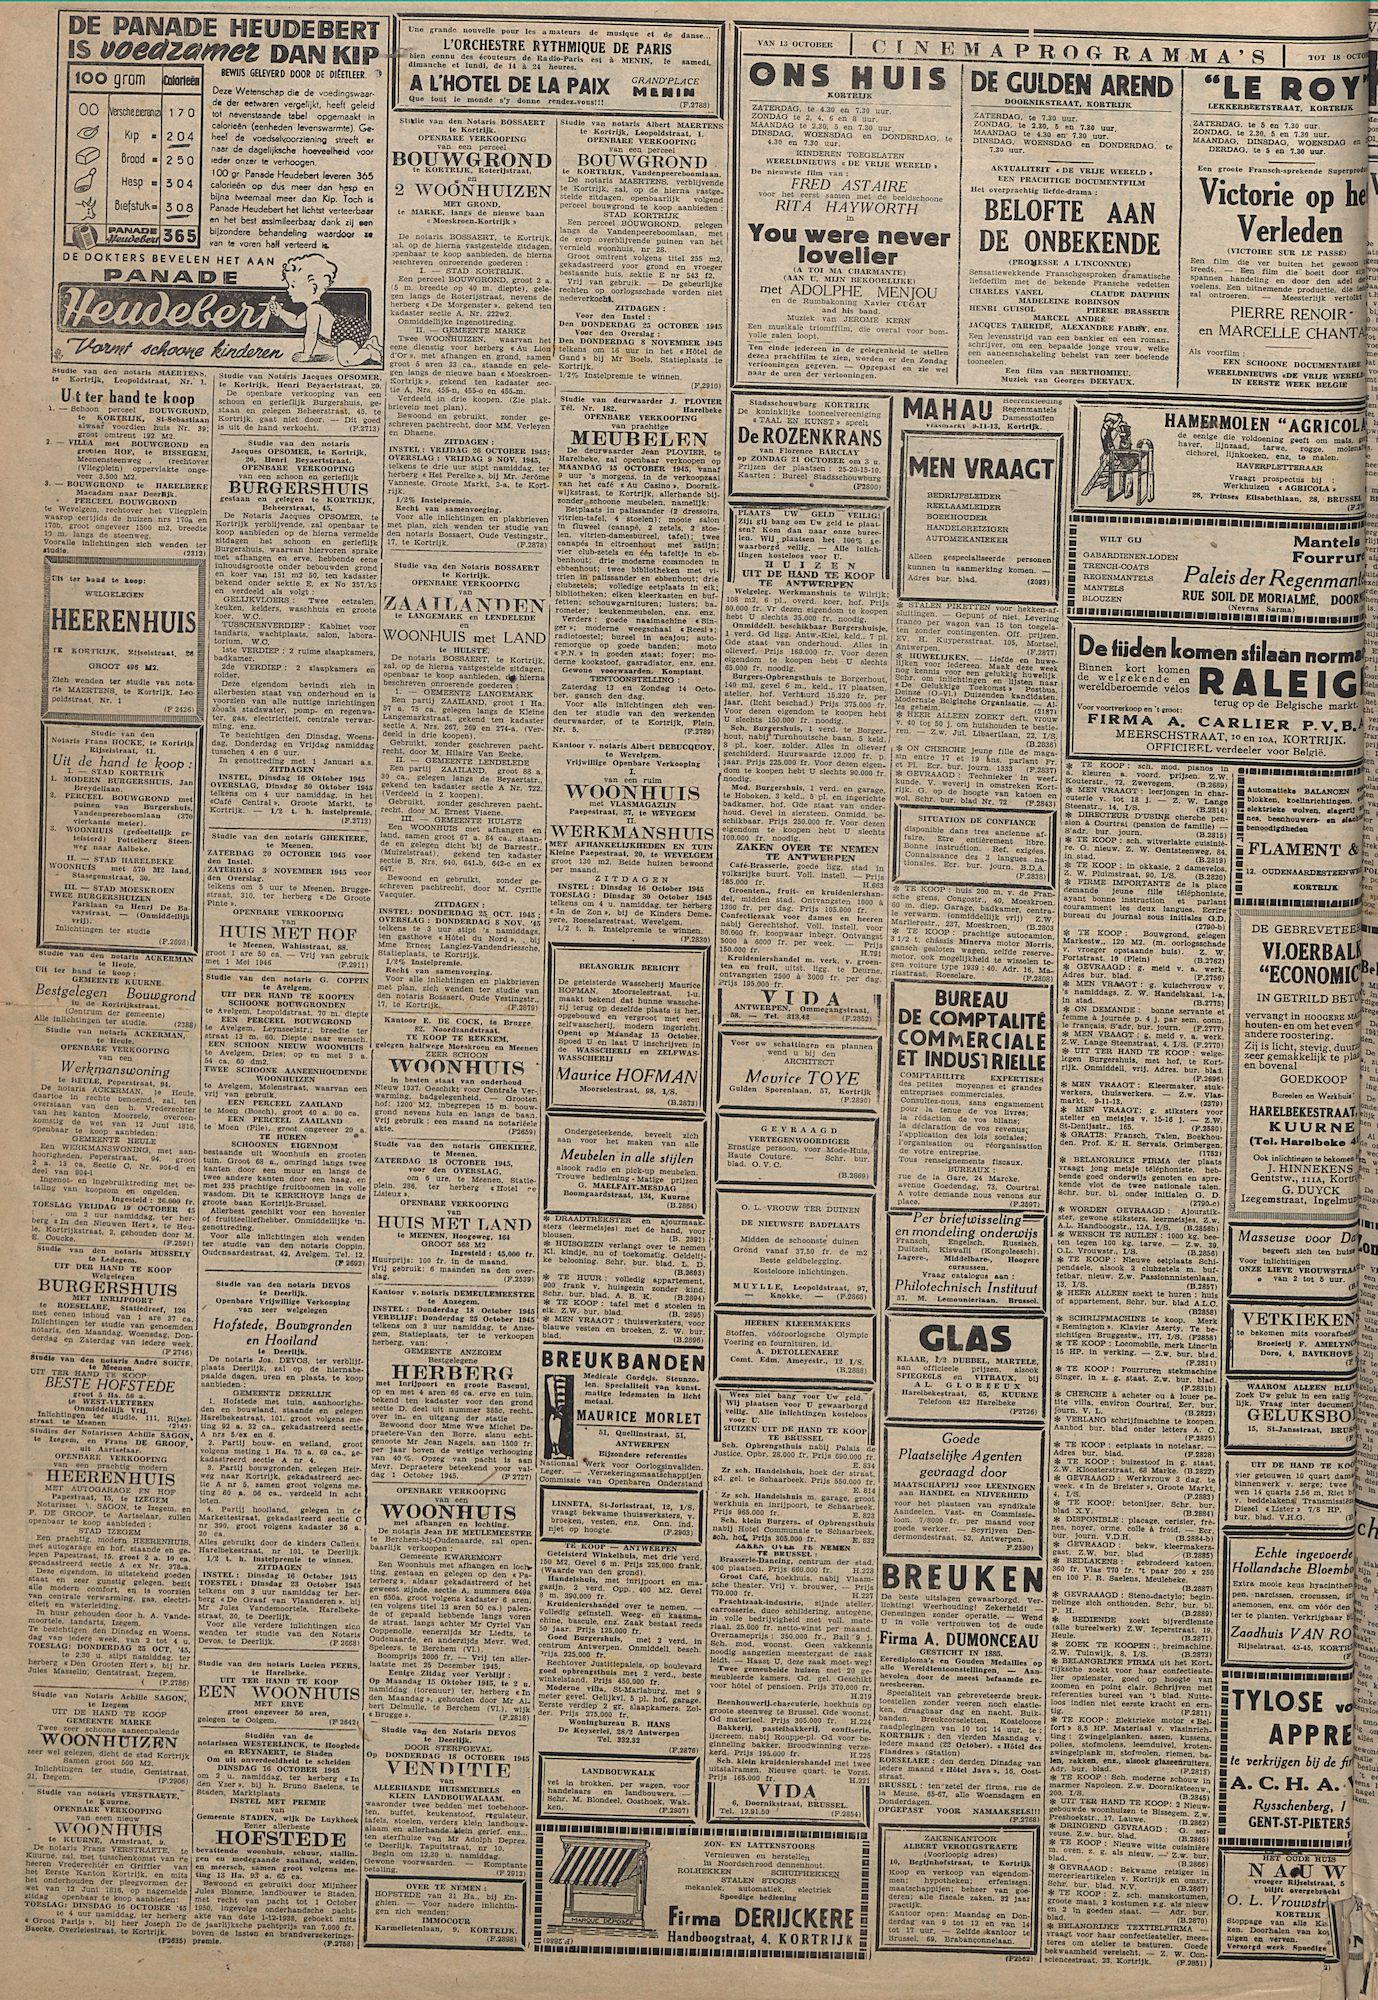 Kortrijksch Handelsblad 12 october 1945 Nr82 p2